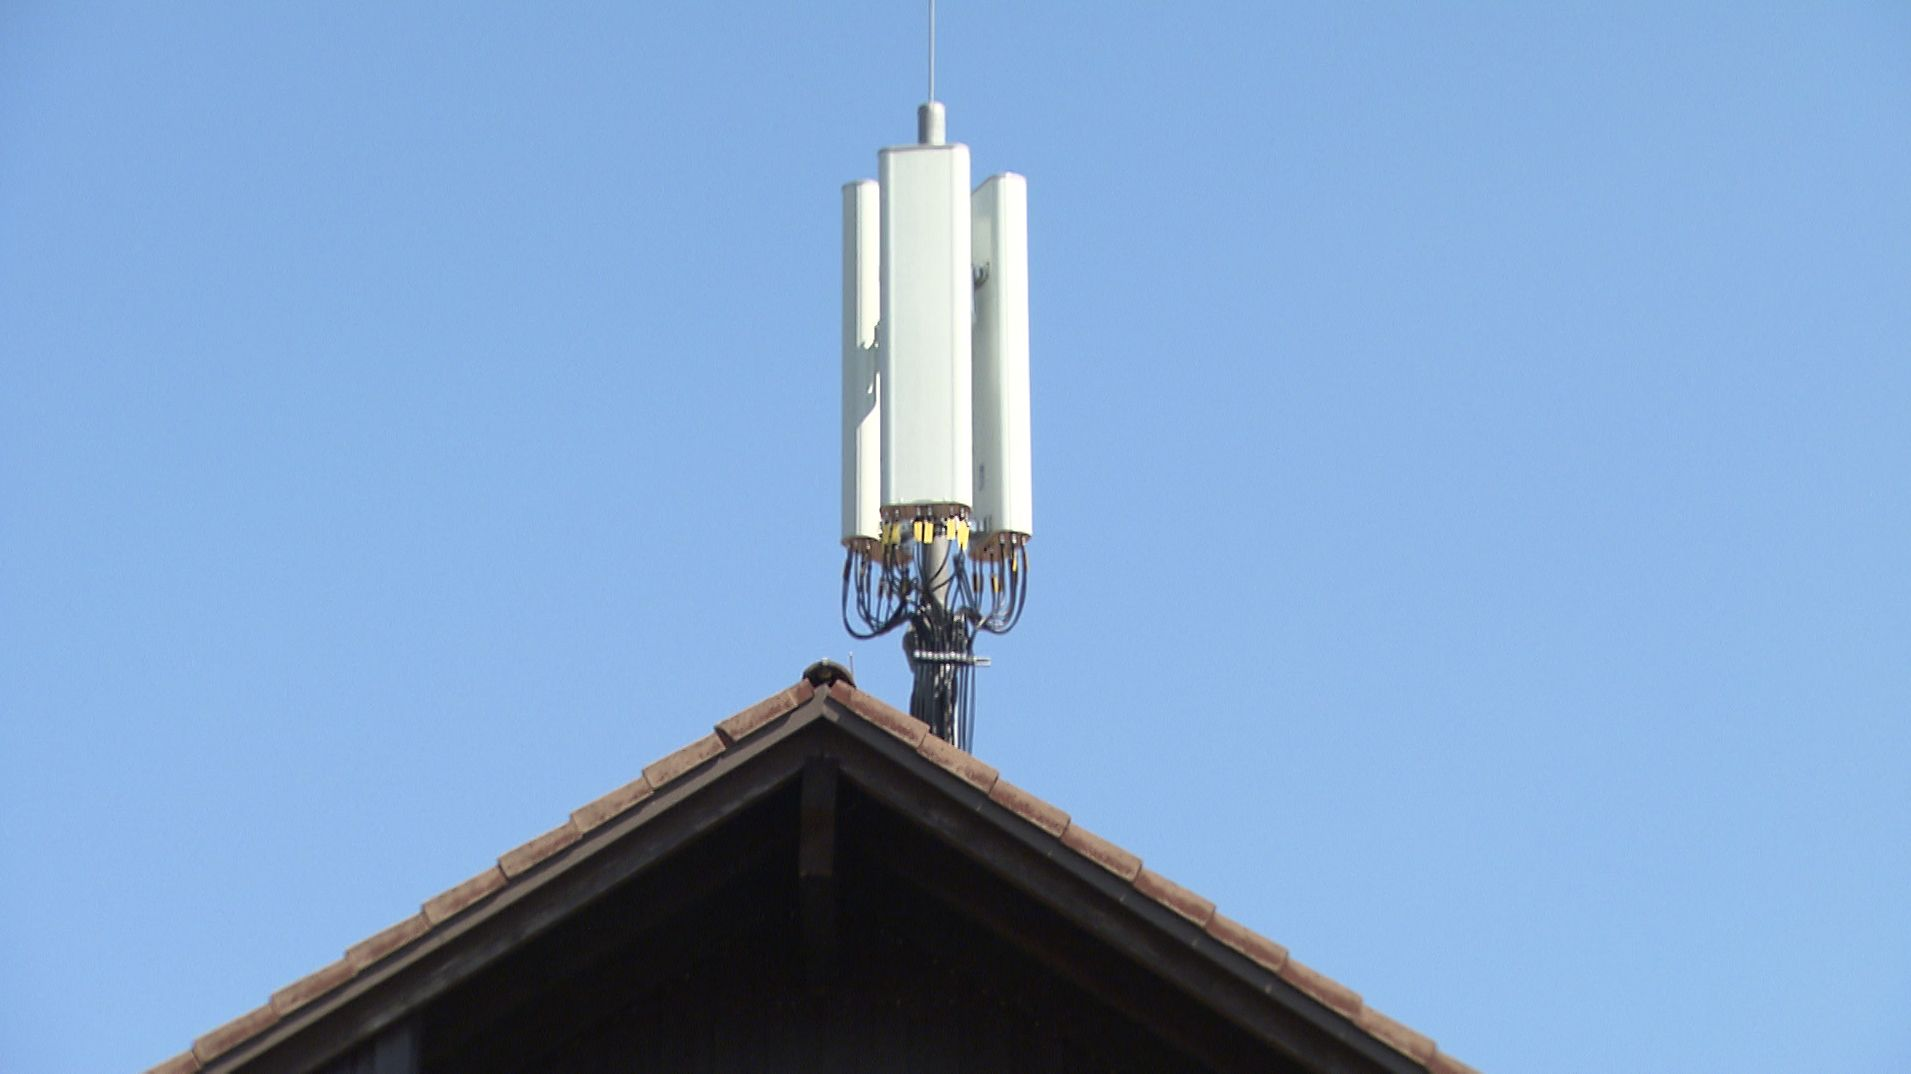 Eine Mobilfunkantenne auf einem Hausdach.